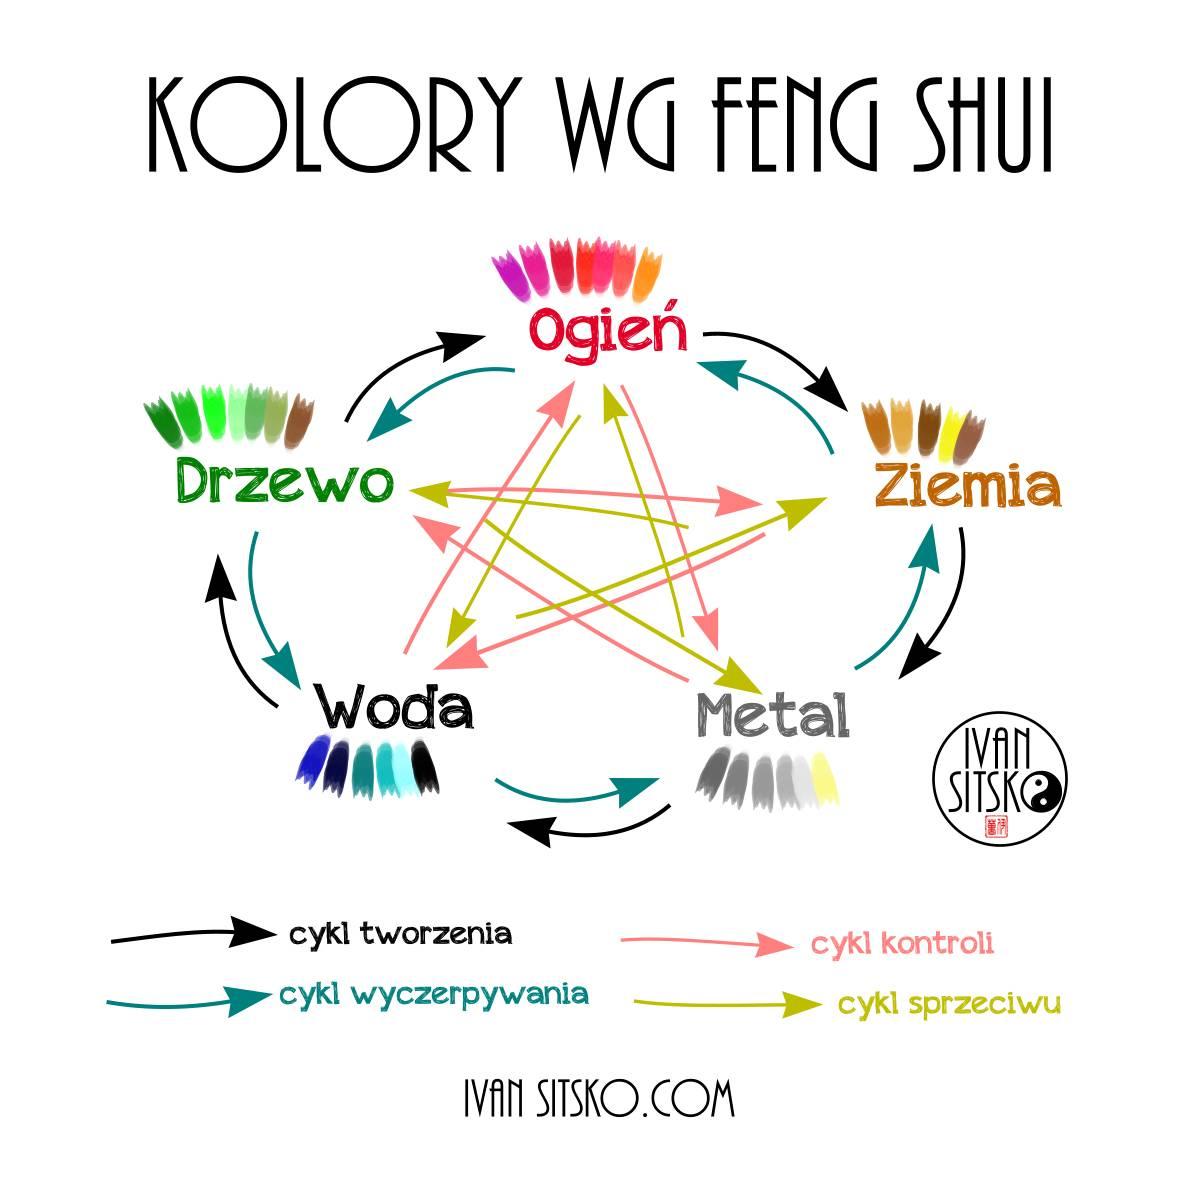 Podstawy feng shui: kolory w mieszkaniu – znaczenie i symbolika